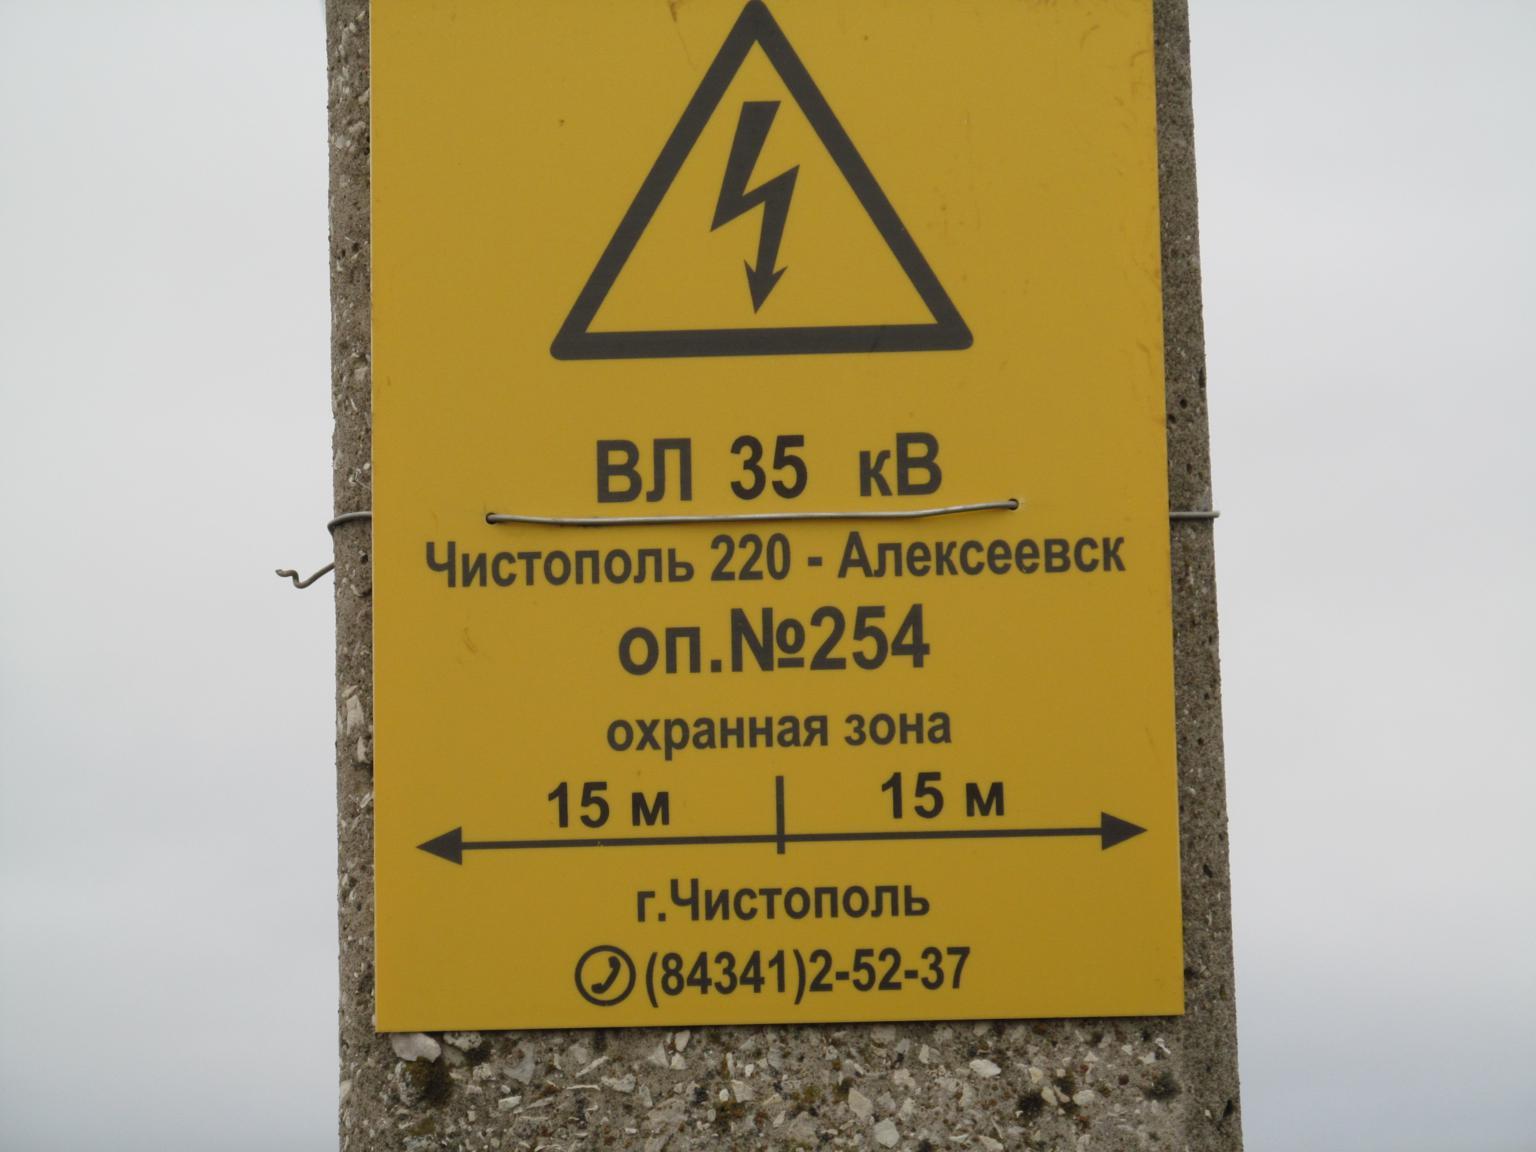 ВЛ 35 кВ  «Чистополь - Алексеевск». Фото А. Салтыкова